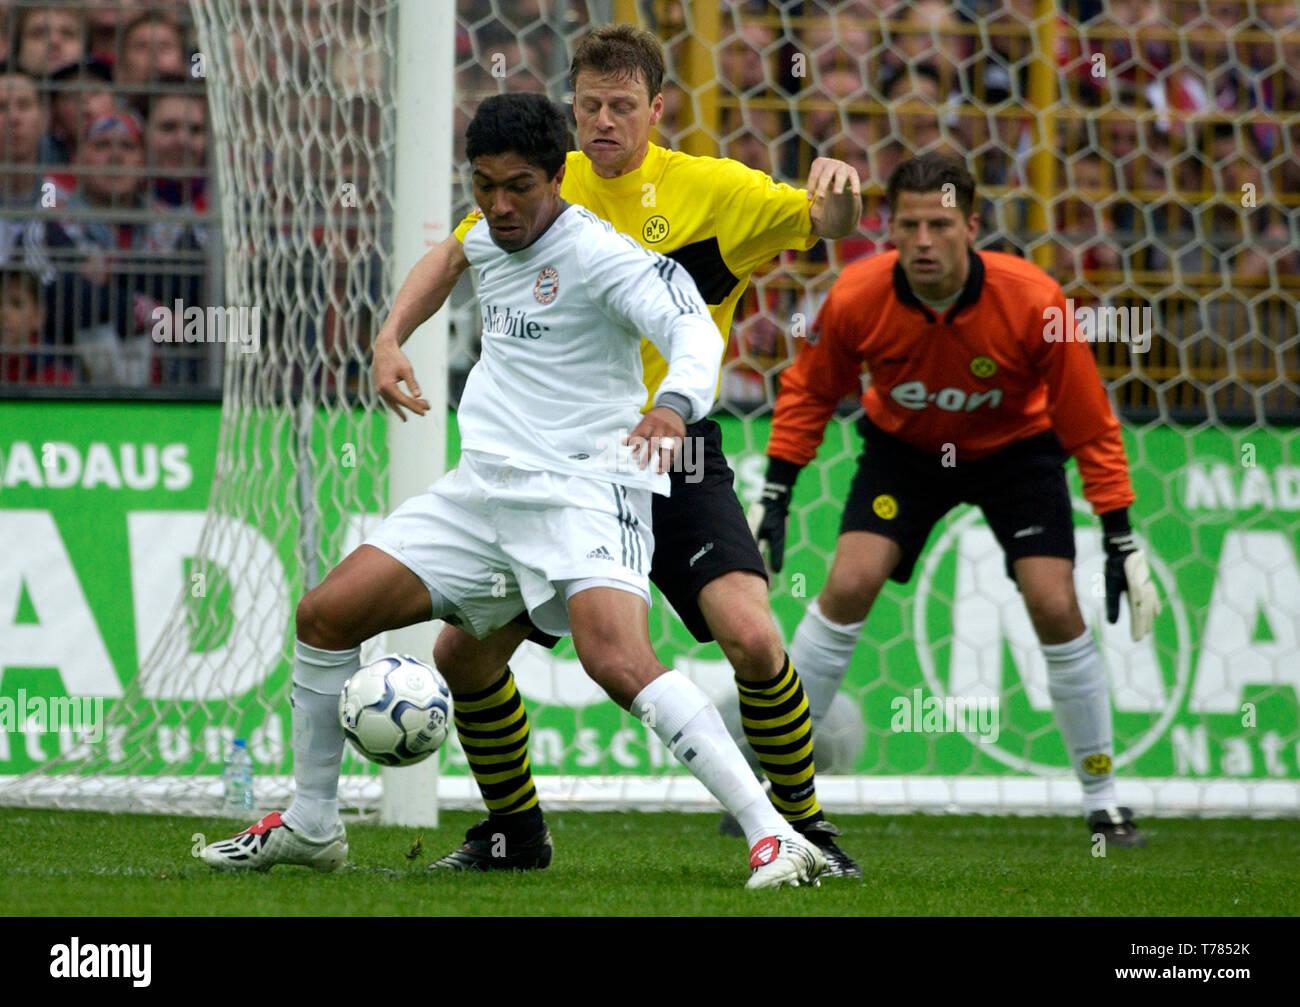 Westfalenstadion Dortmund Germany, 19.4.2003, German Football Bundesliga Season 2002/03, matchday 29, Borussia Dortmund (yellow) vs Bayern Munich (white) --- Giovane Elber (FCB), Christian Woerns (BVB) - Stock Image